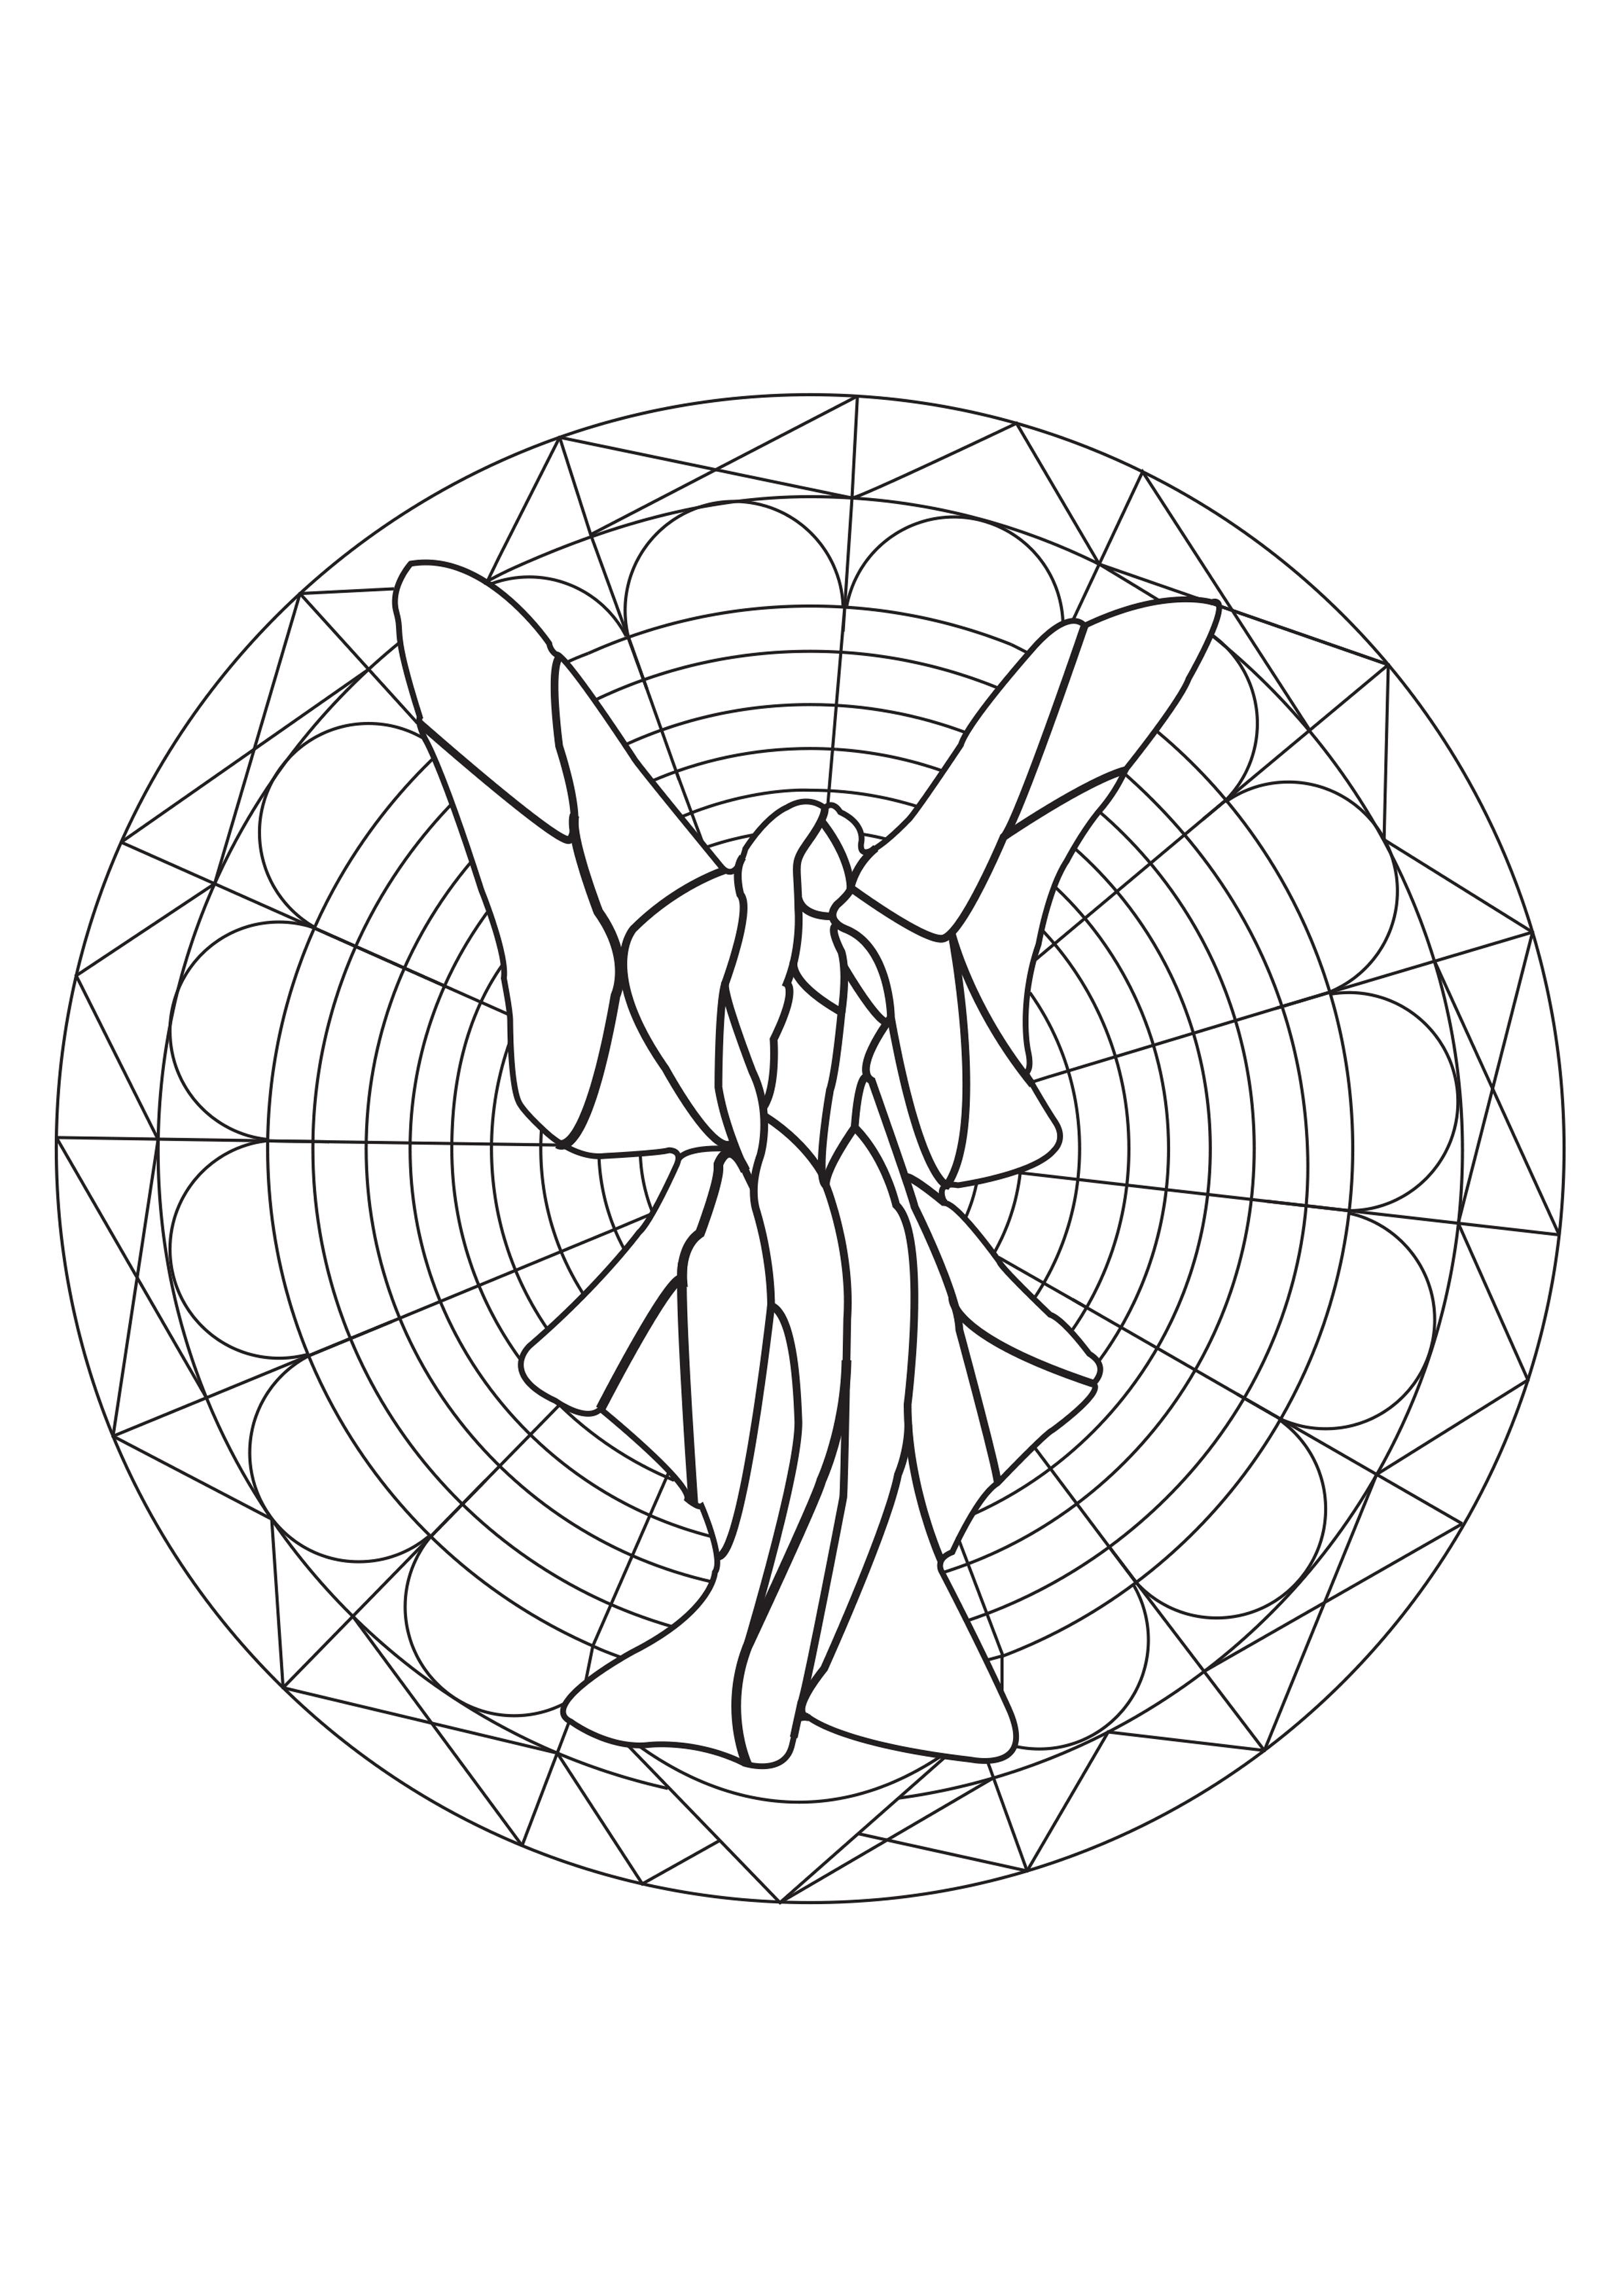 Fairy Stained flass Mandala - Zen & Anti-stress Mandalas